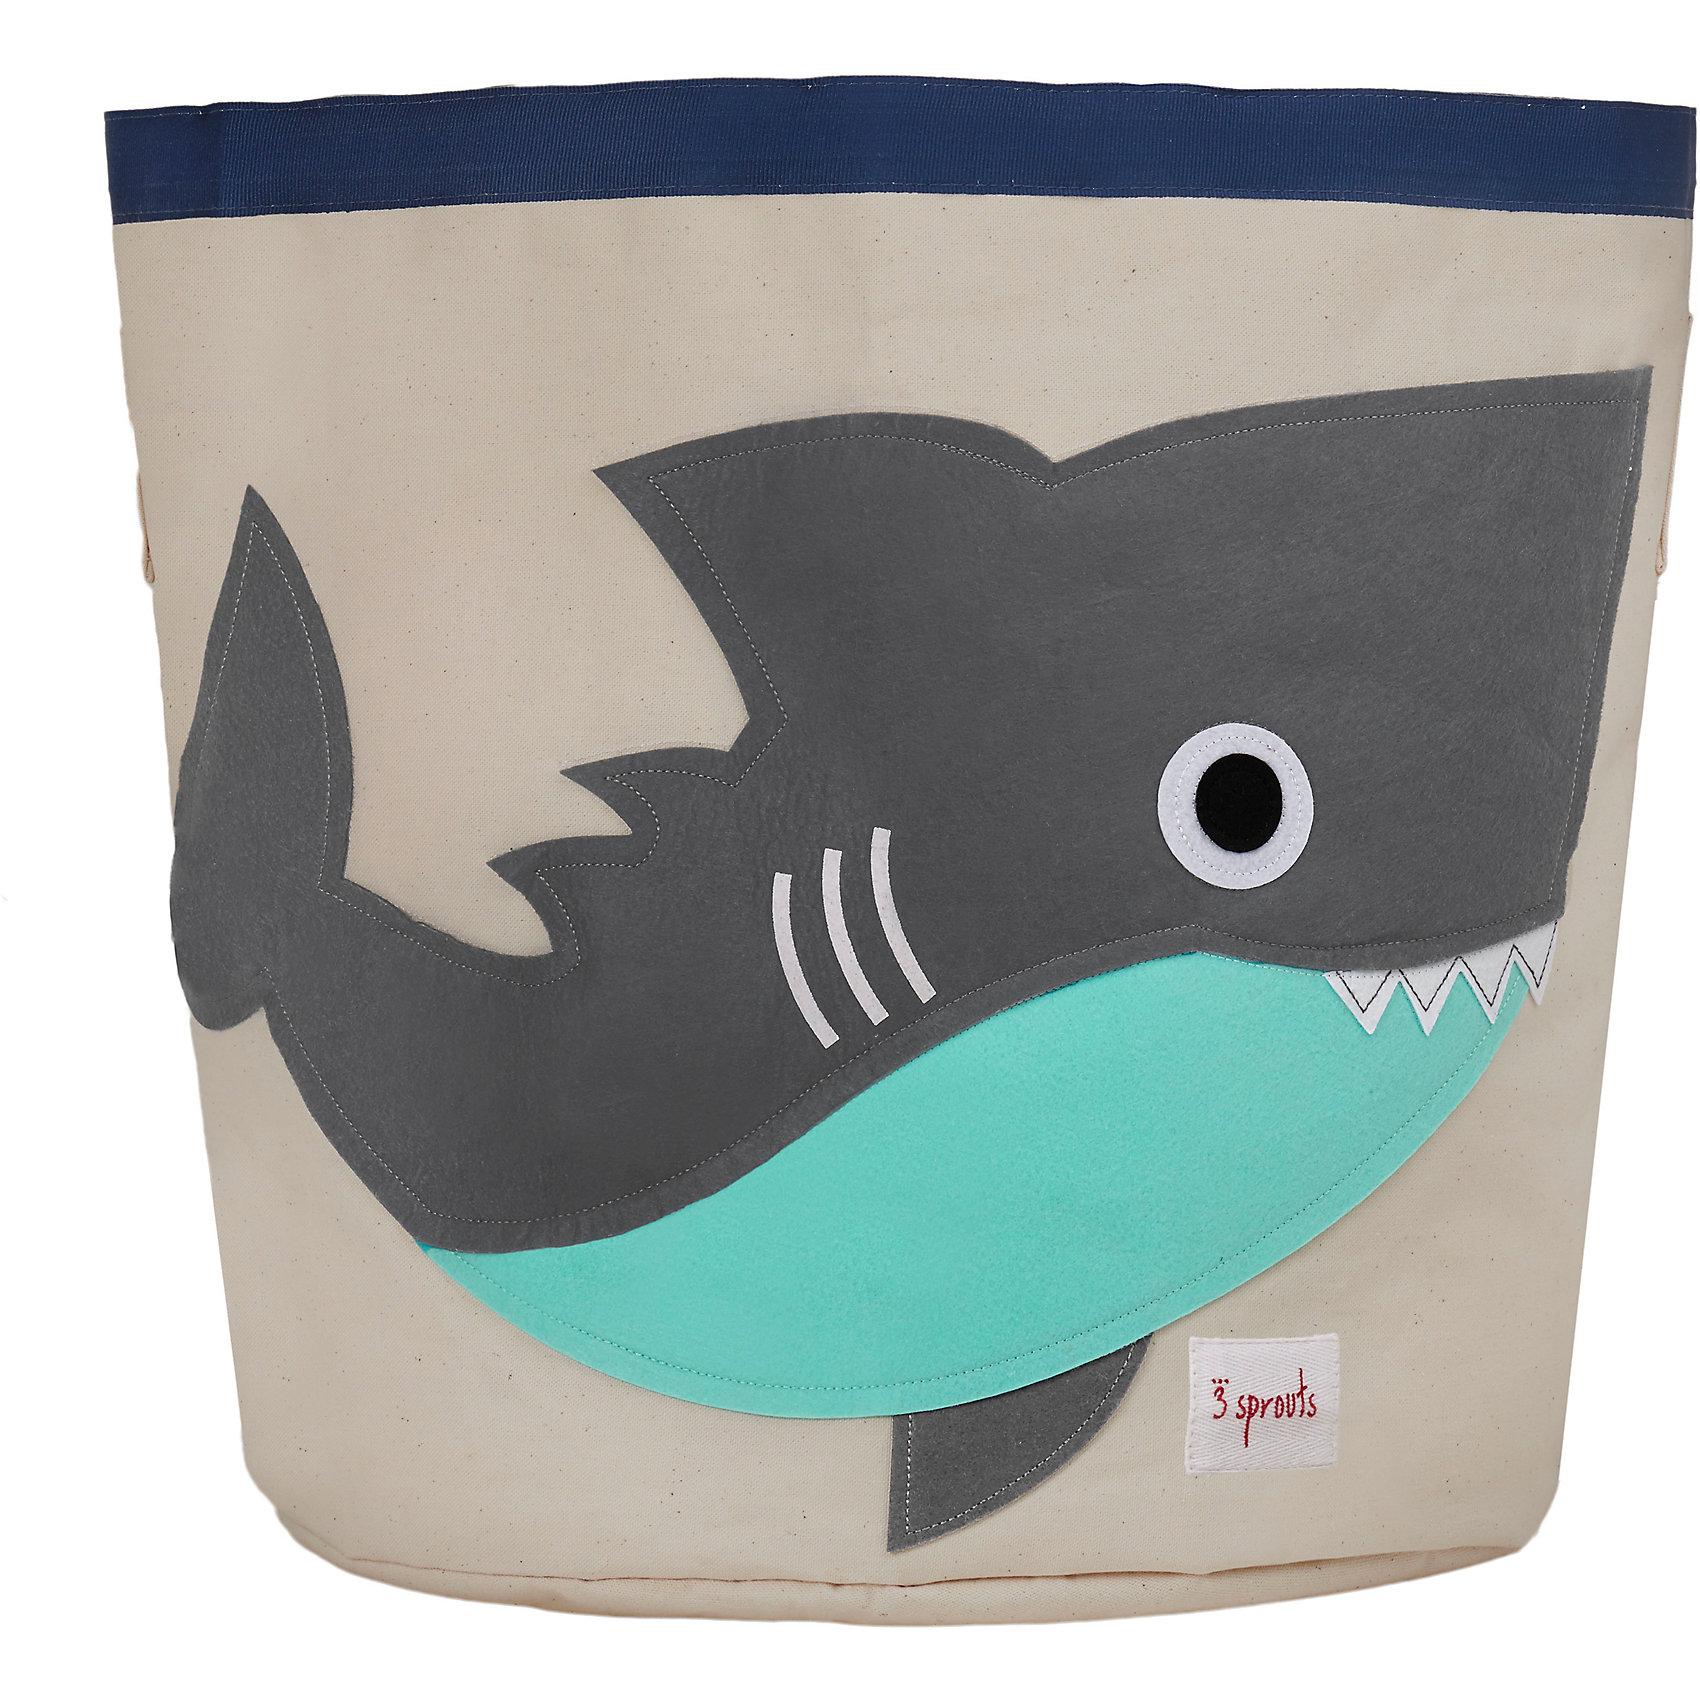 Корзина для хранения Акула (Grey Shark SPR213), 3 Sprouts, серыйПорядок в детской<br>Такие милые корзины помогут Вам навести порядок в детской. Размер корзины позволяет хранить в ней игрушки или белье.  <br><br>Дополнительная информация:<br><br>- Размер полотенца: 44.5х43 см.<br>- Материал: <br>100% хлопковый брезент.<br>100% полиэстровая фетровая аппликация.<br>100% полиэтиленовое покрытие (внутри).<br>- Цвет: серый.<br><br>Купить корзину для хранения Акула (Grey Shark SPR213) в сером цвете, можно в нашем магазине.<br><br>Ширина мм: 250<br>Глубина мм: 20<br>Высота мм: 450<br>Вес г: 526<br>Возраст от месяцев: 6<br>Возраст до месяцев: 84<br>Пол: Унисекс<br>Возраст: Детский<br>SKU: 5098215